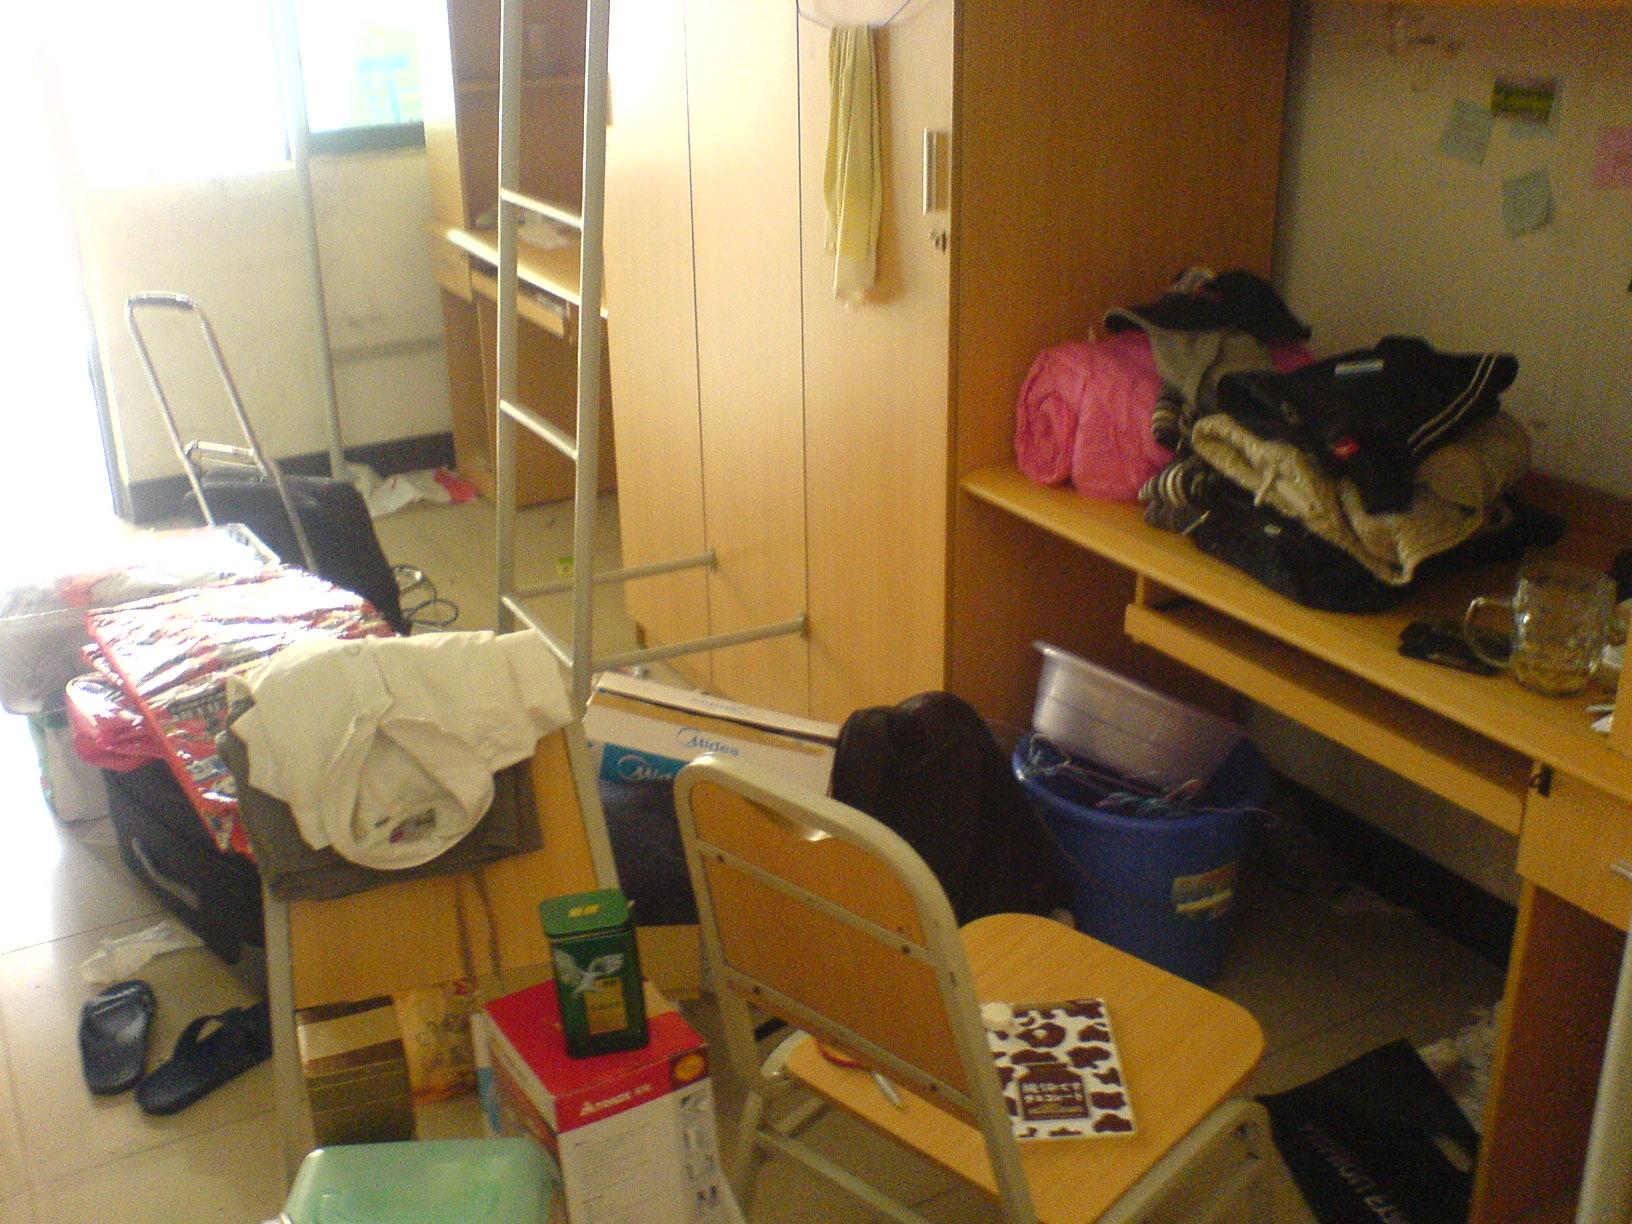 华南理工大学宿舍怎么样有没有图片证明图片